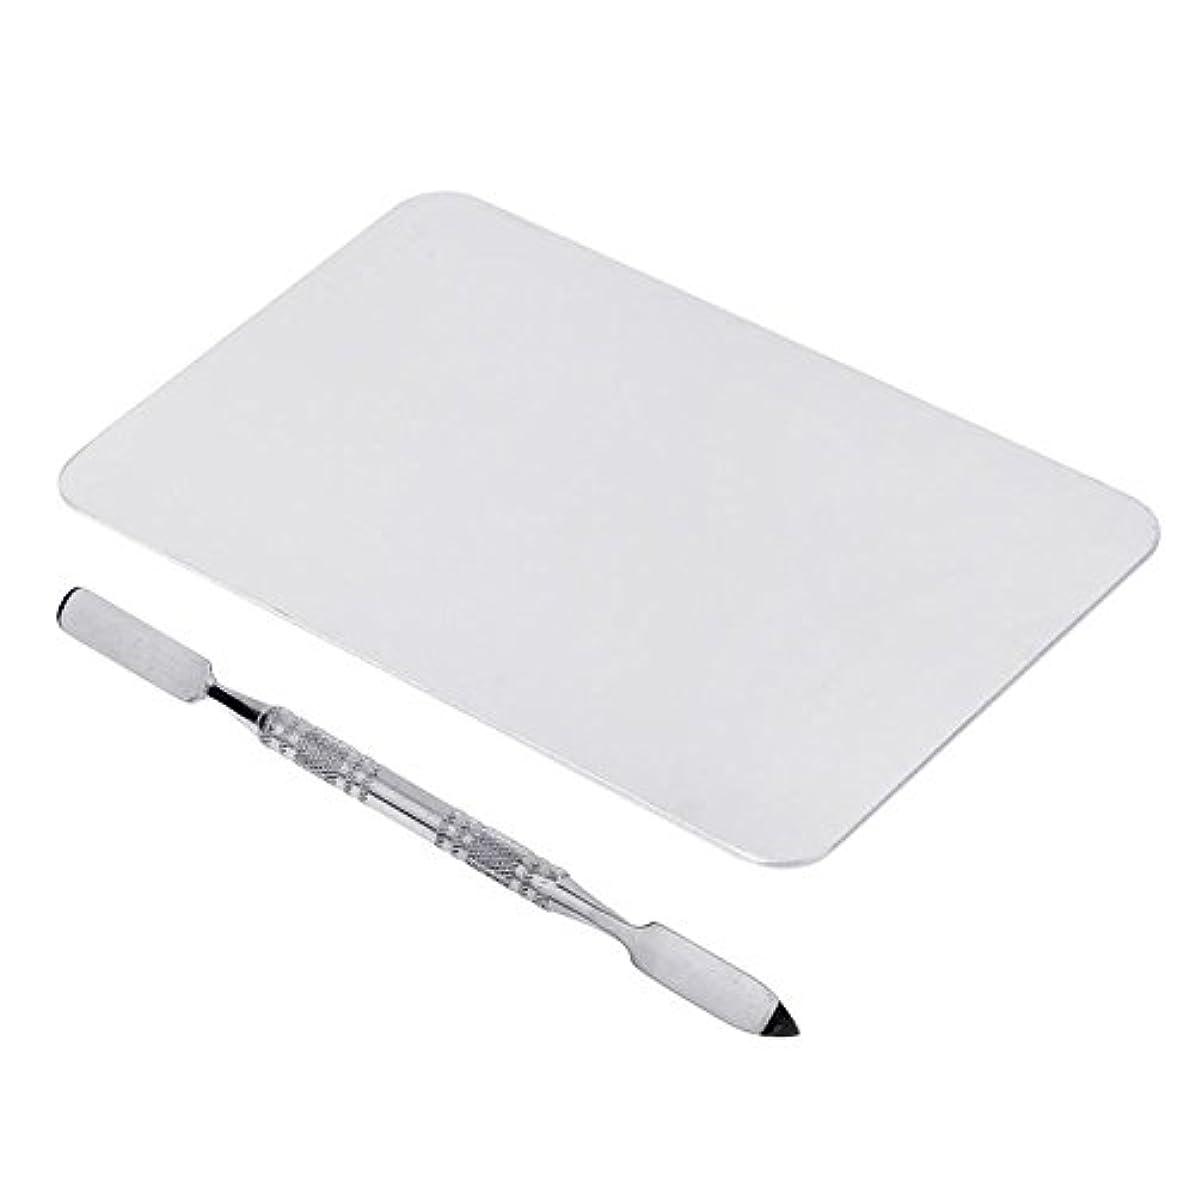 けがをするあまりにもテーブルSODIAL 2色のメイクパレットマニキュア、メイクアップ、アイシャドウパレットパレットセット12cm